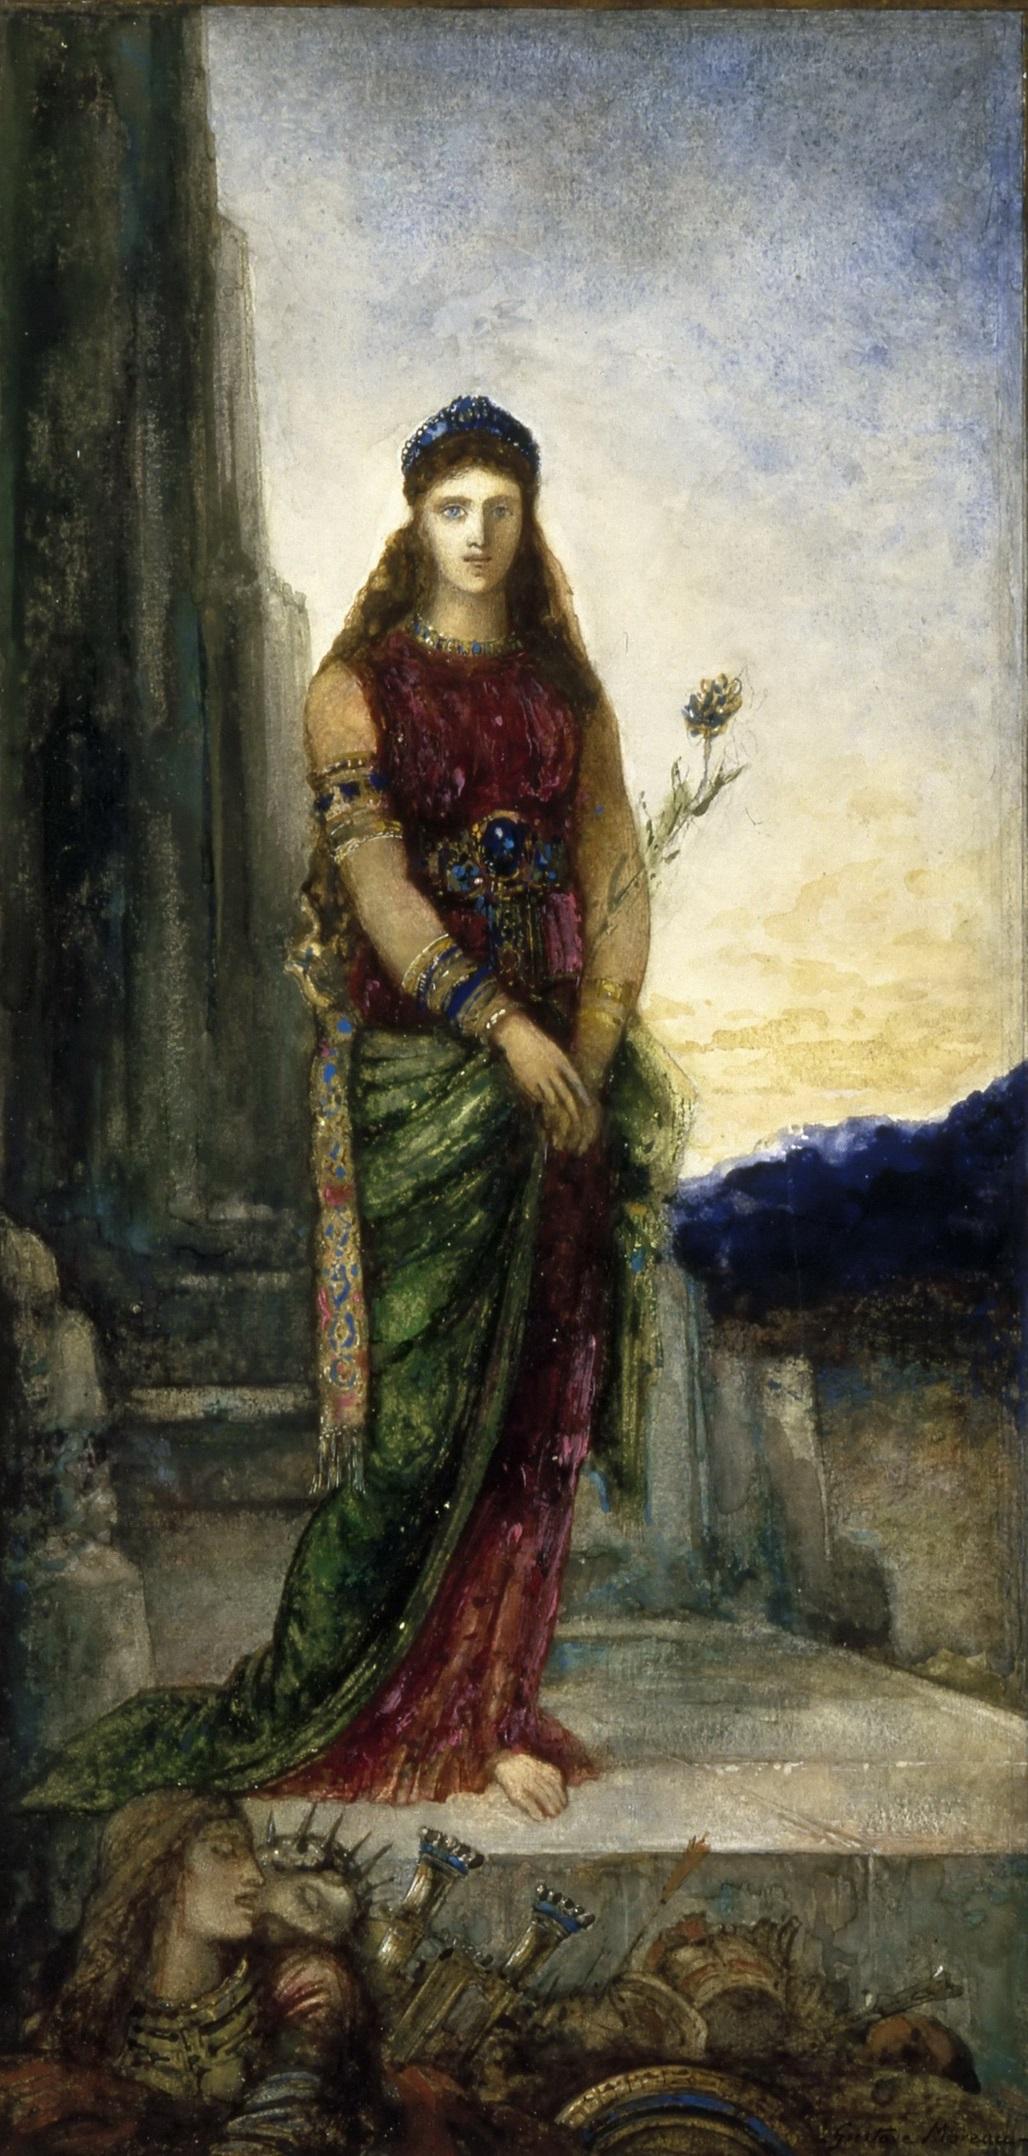 Елена на стенах Трои (36.7 х 17 см) (акварель и карандаш) (Париж, Лувр)